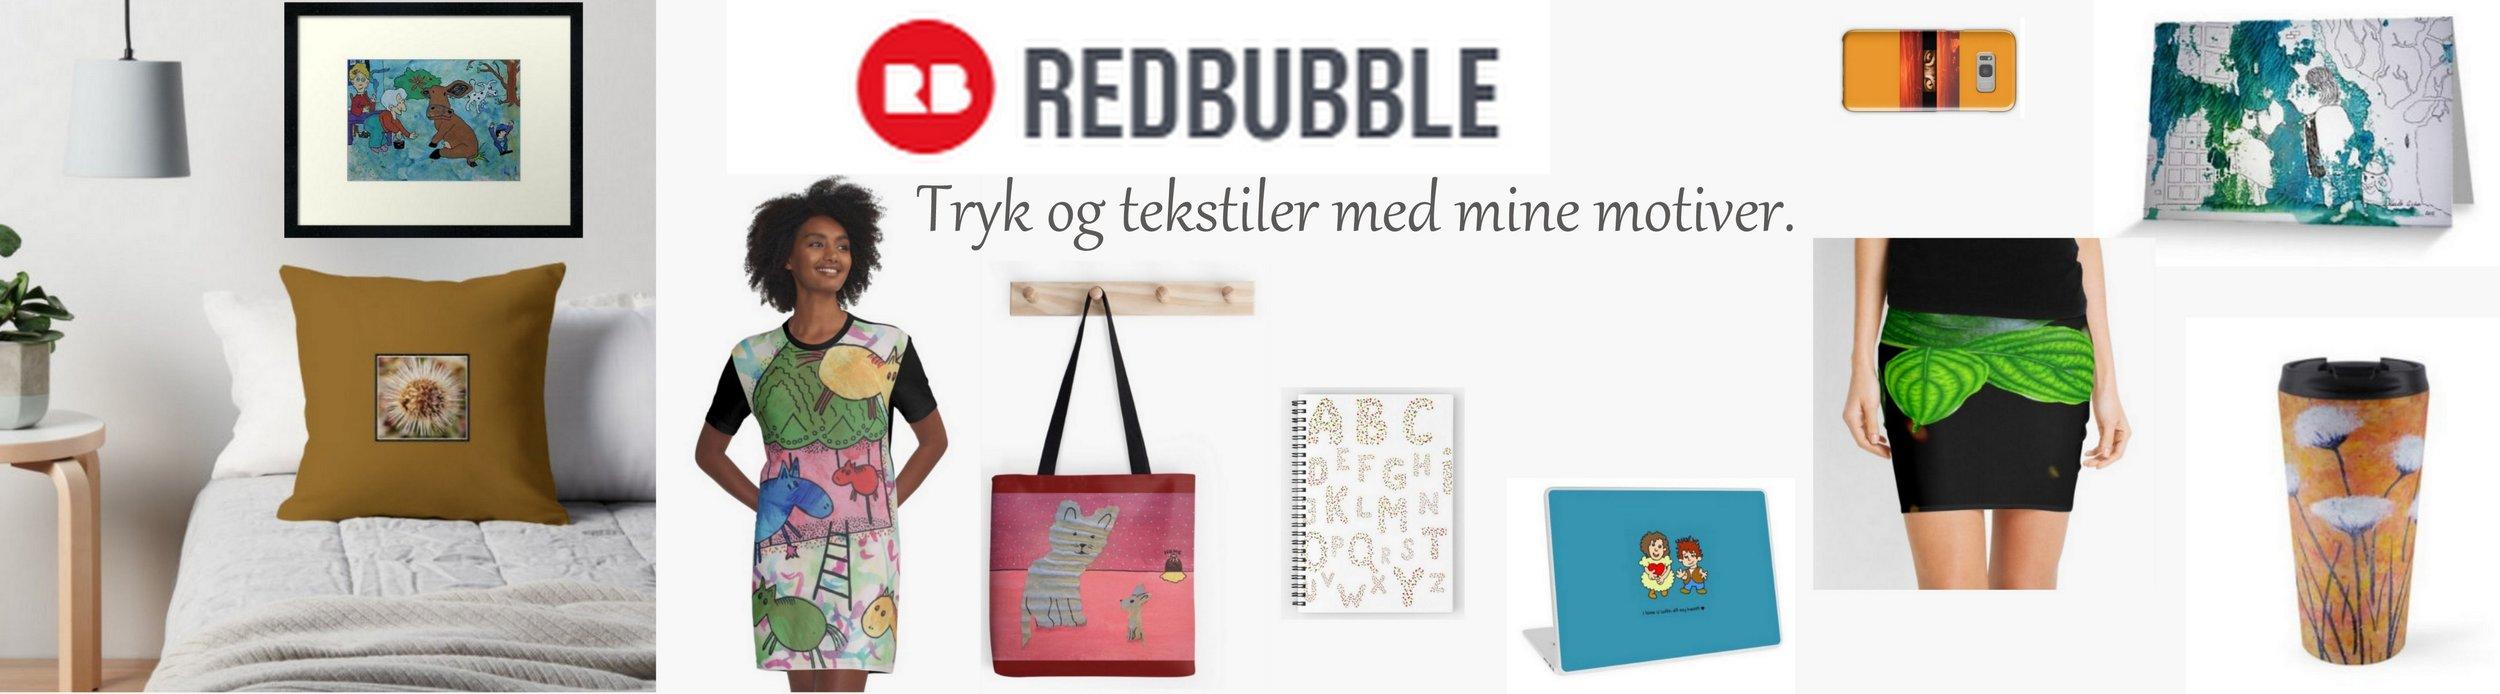 Eksempler på produkter fra Redbubble